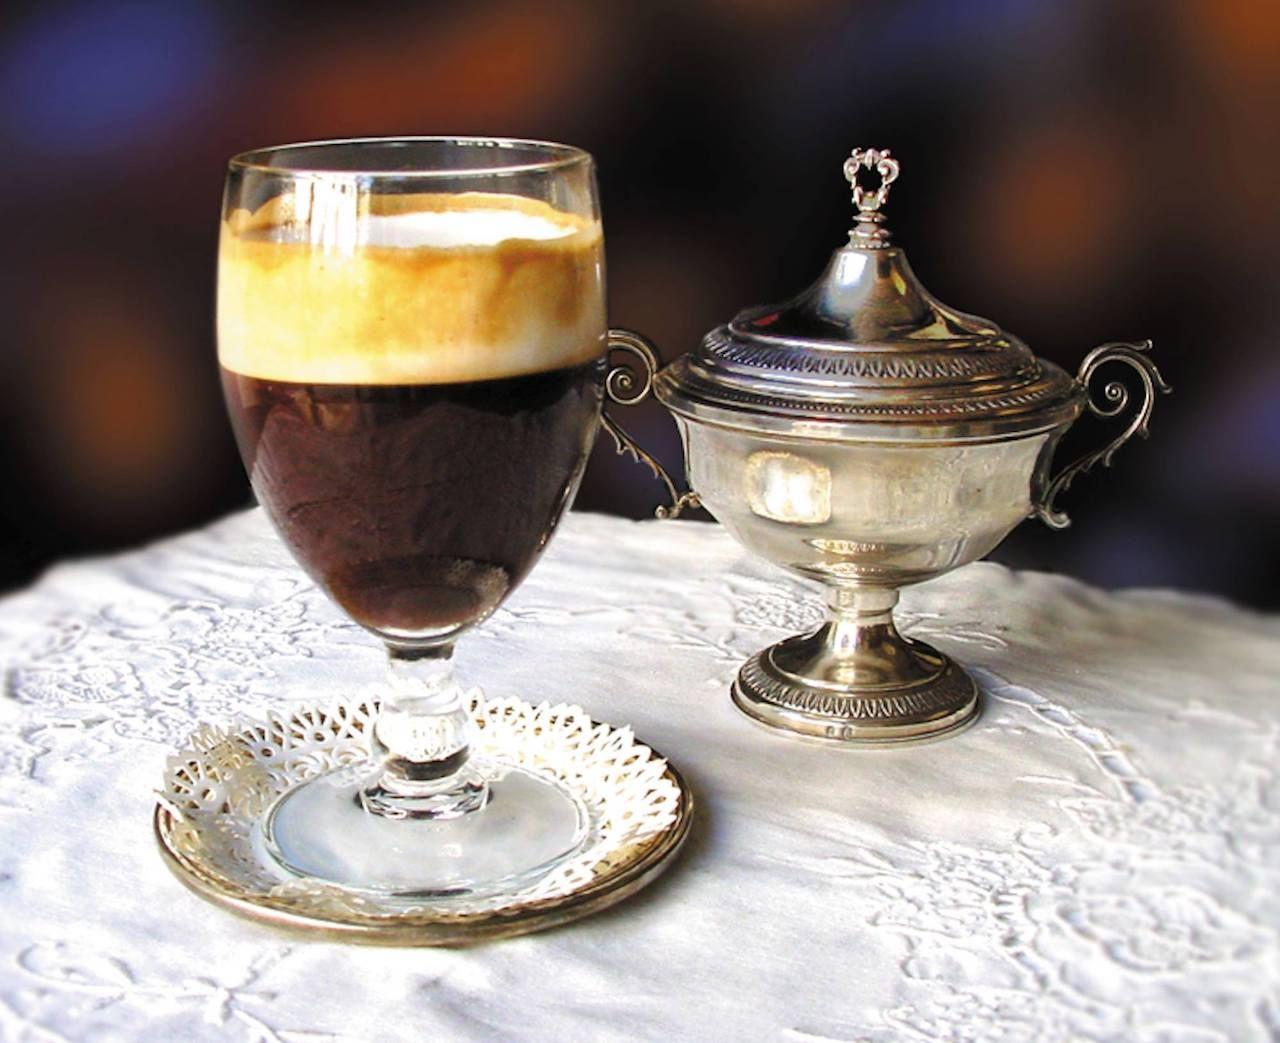 Bicercin from Caffe Al Bicerin